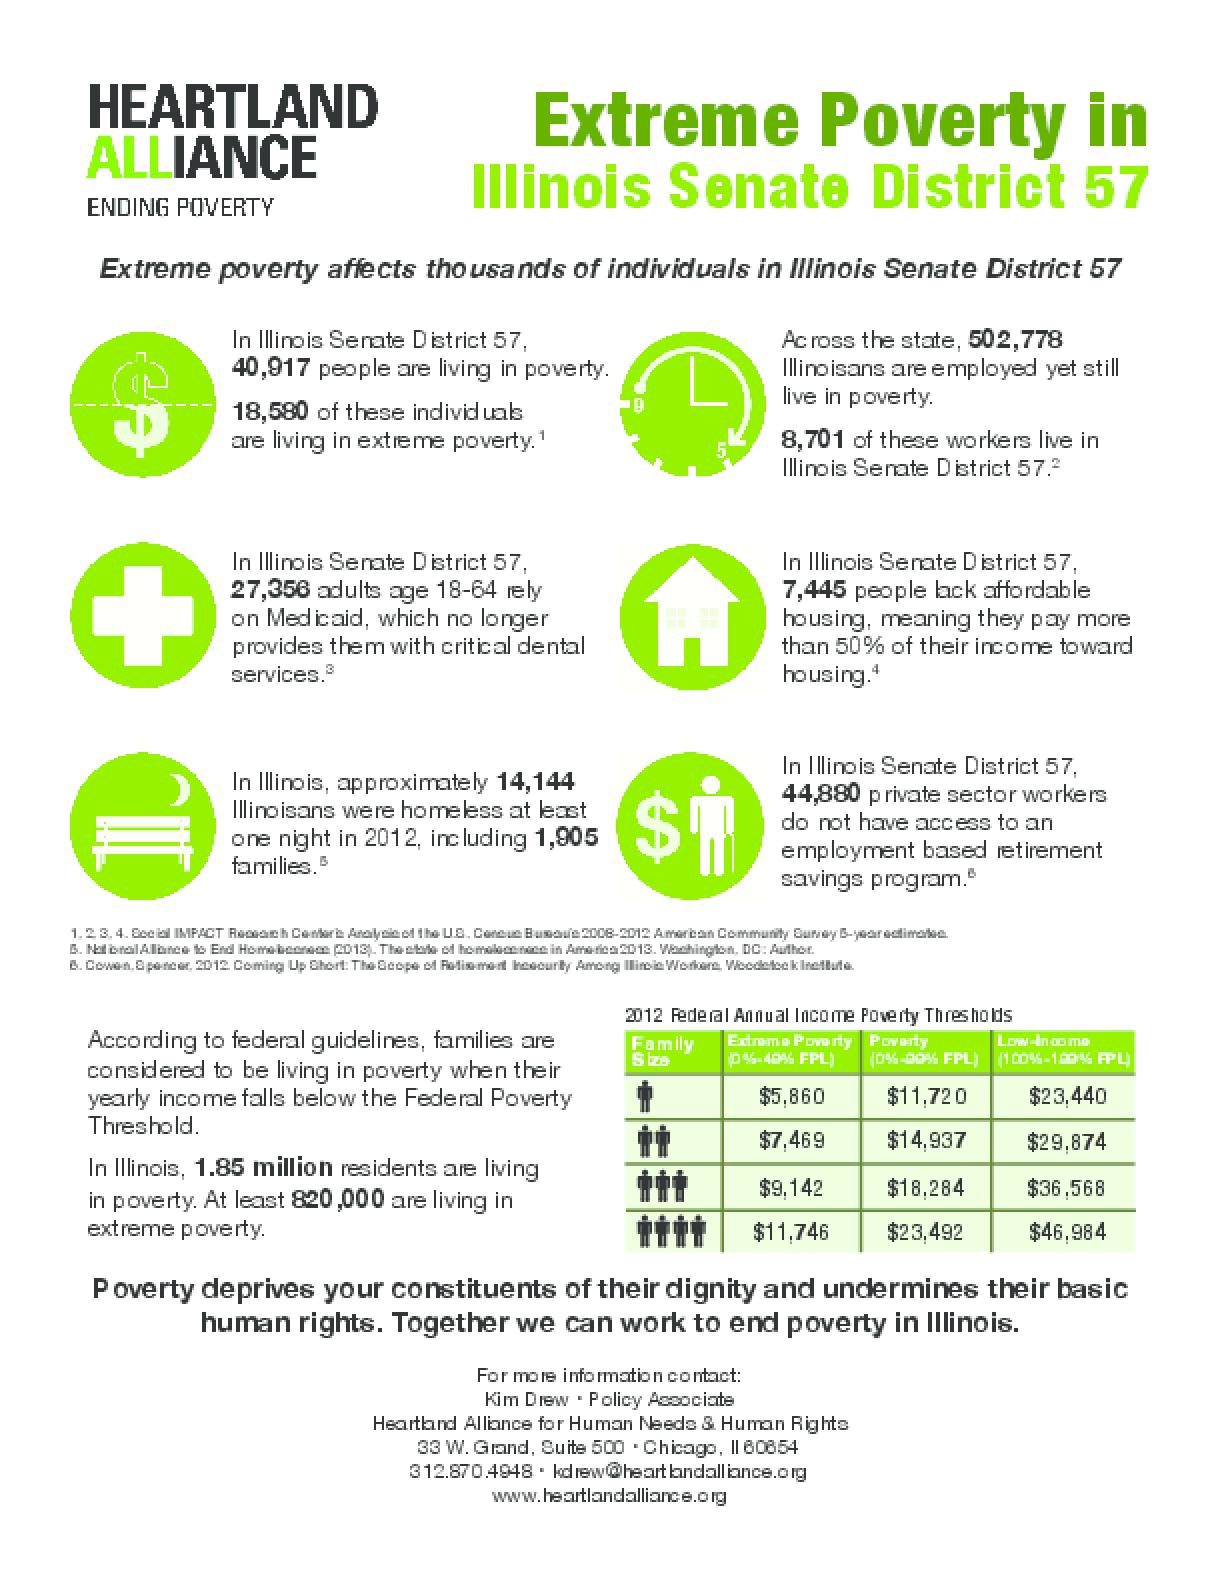 Poverty Fact Sheet for Illinois Senate District 57